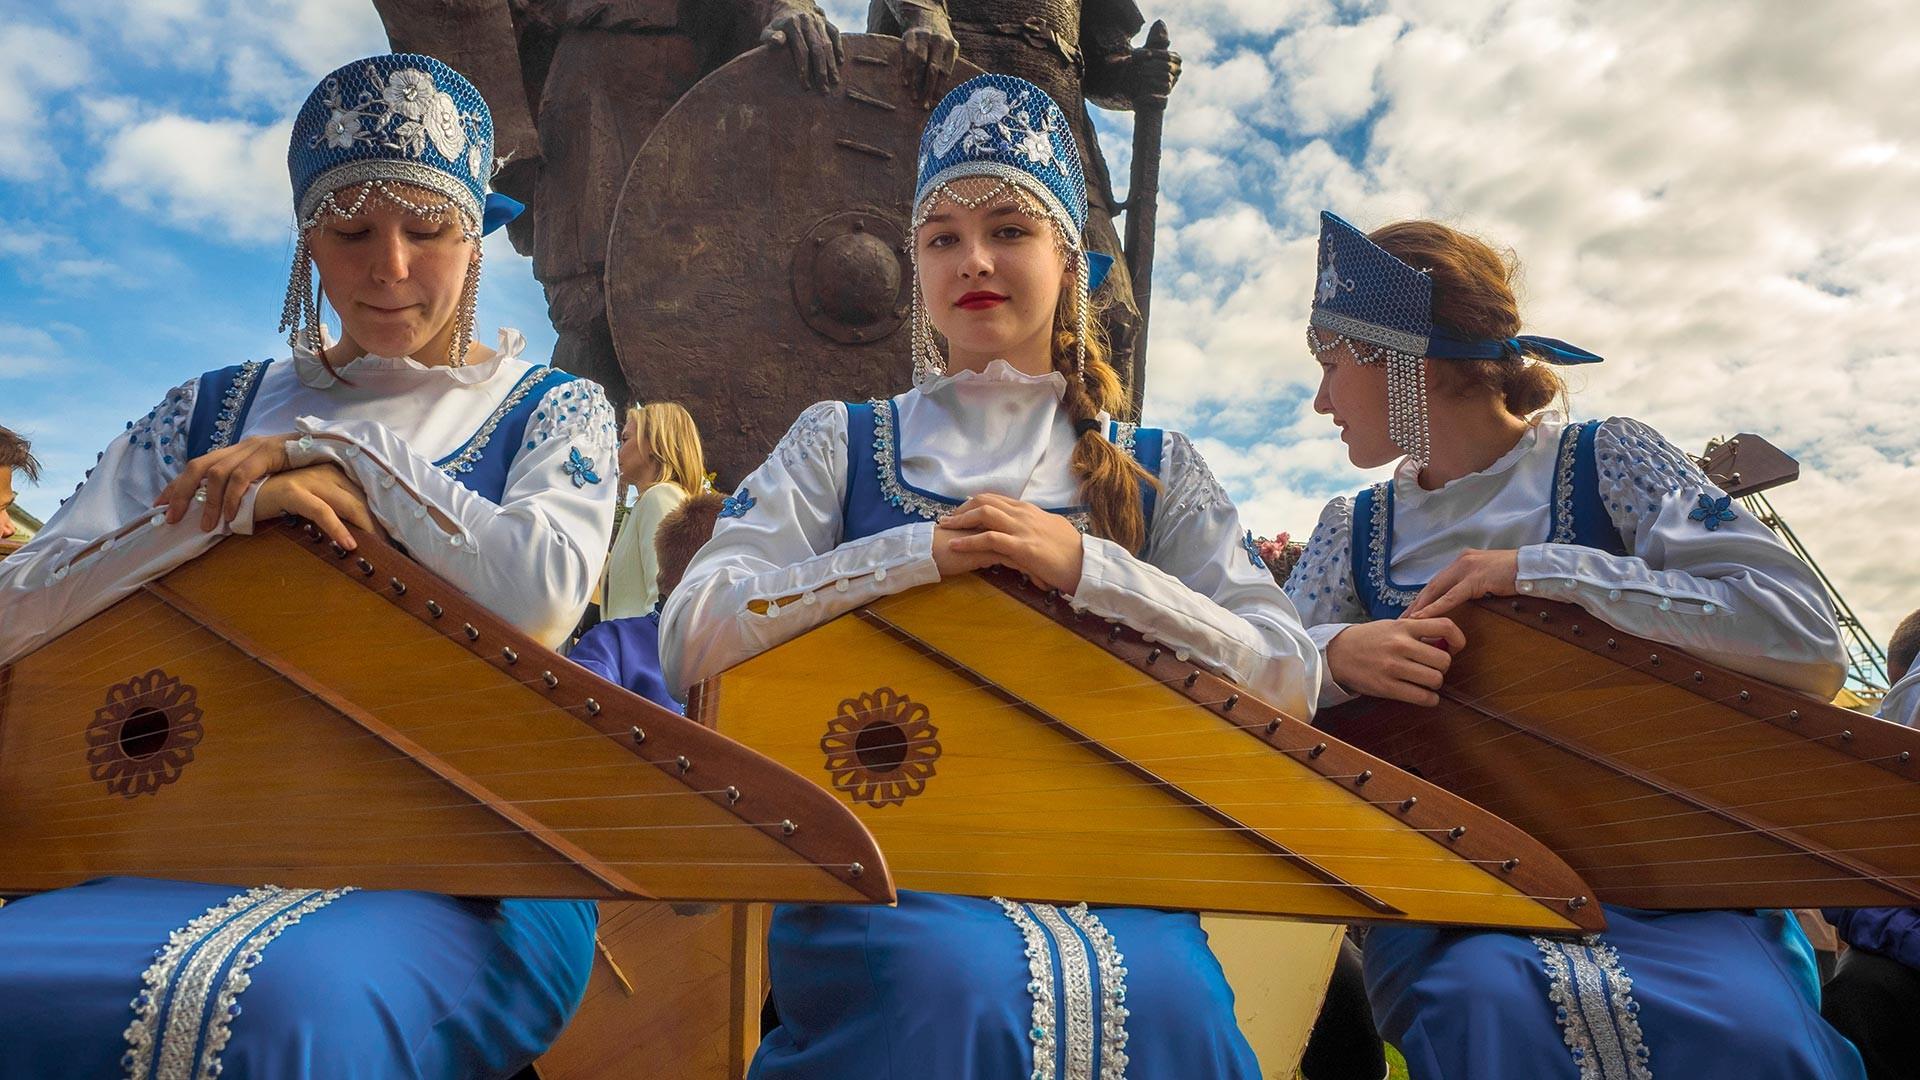 Lors de l'inauguration du monument aux grands-princes Riourik et Oleg, à Staraïa Ladoga (Nord), première capitale de la Russie